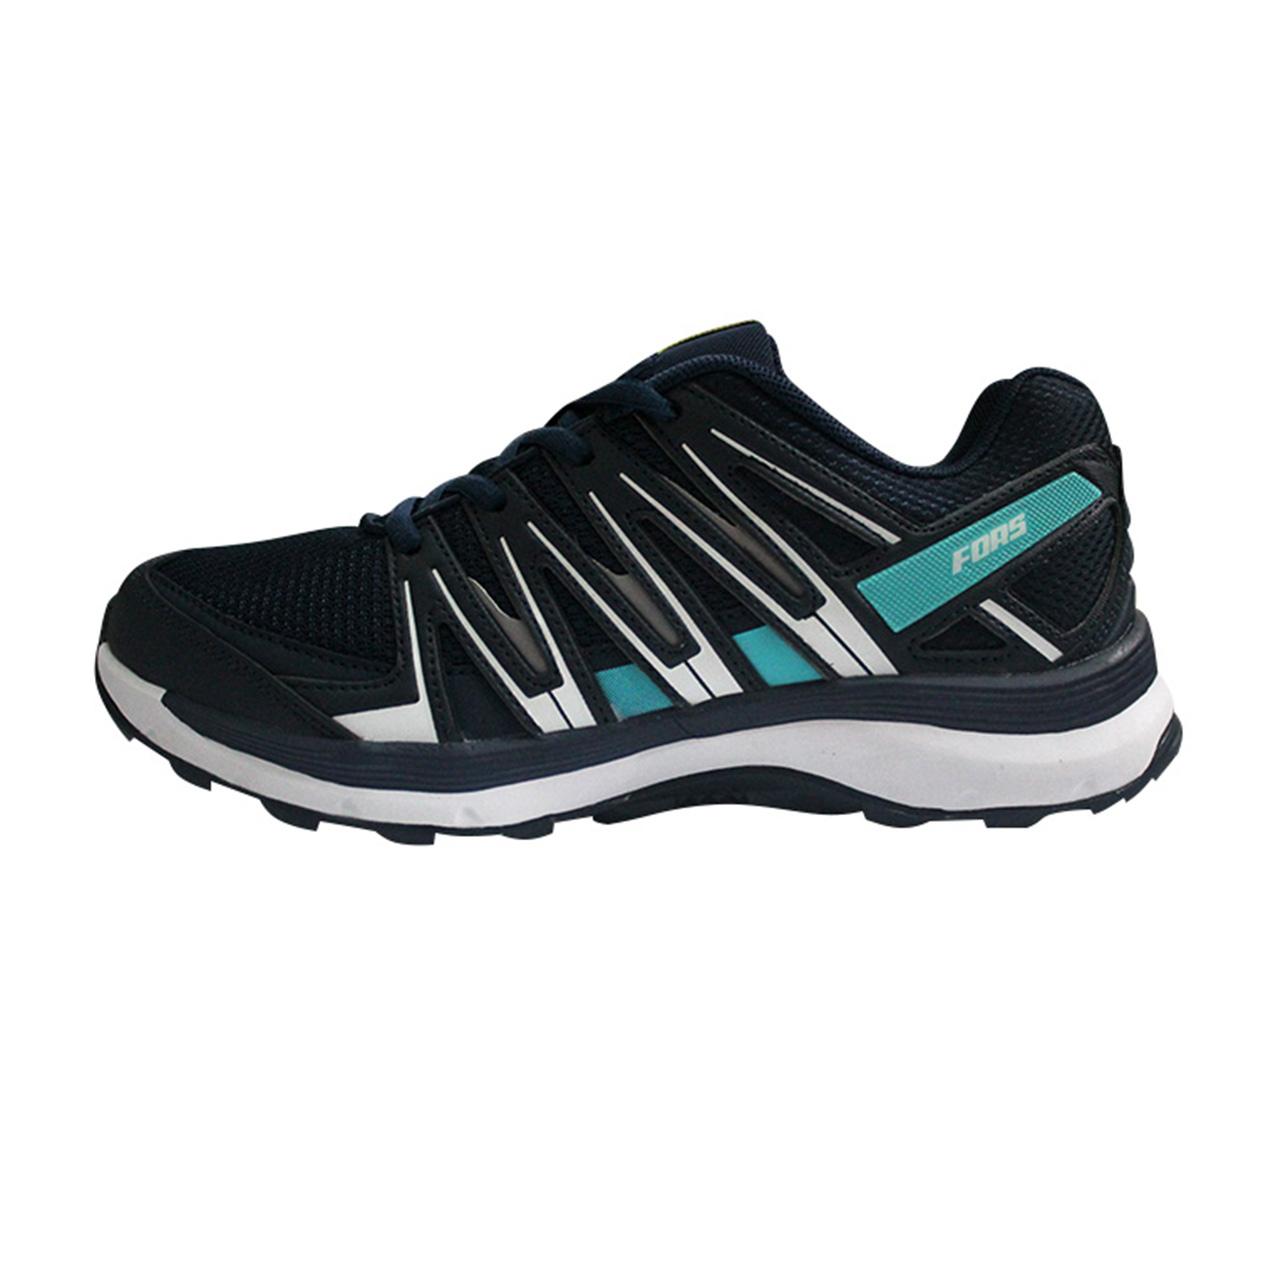 کفش مخصوص پیاده روی مردانه فورس مدل 3122m5n